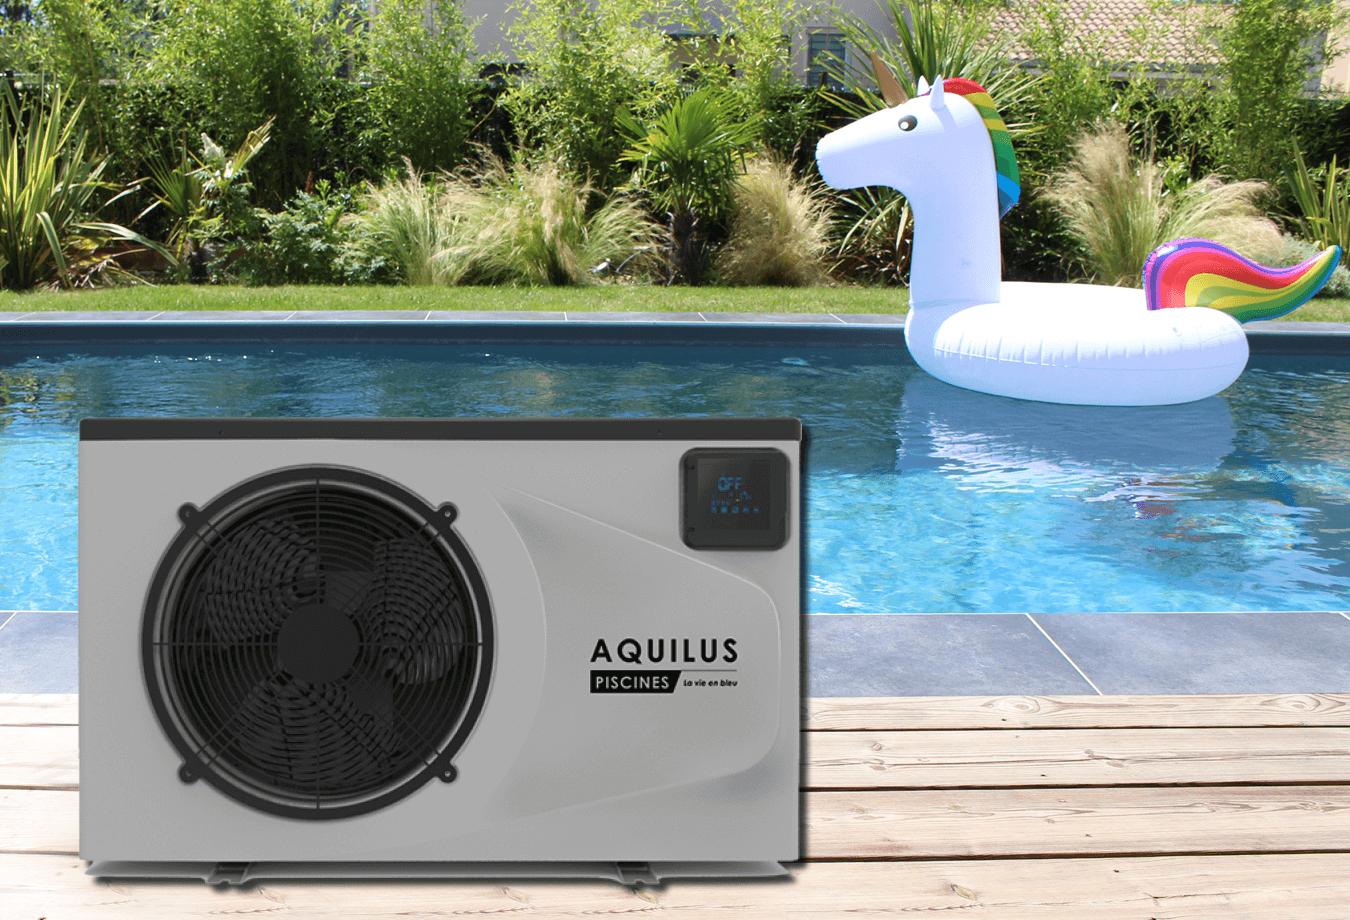 Pompe à chaleur - équipement piscine Aquilus